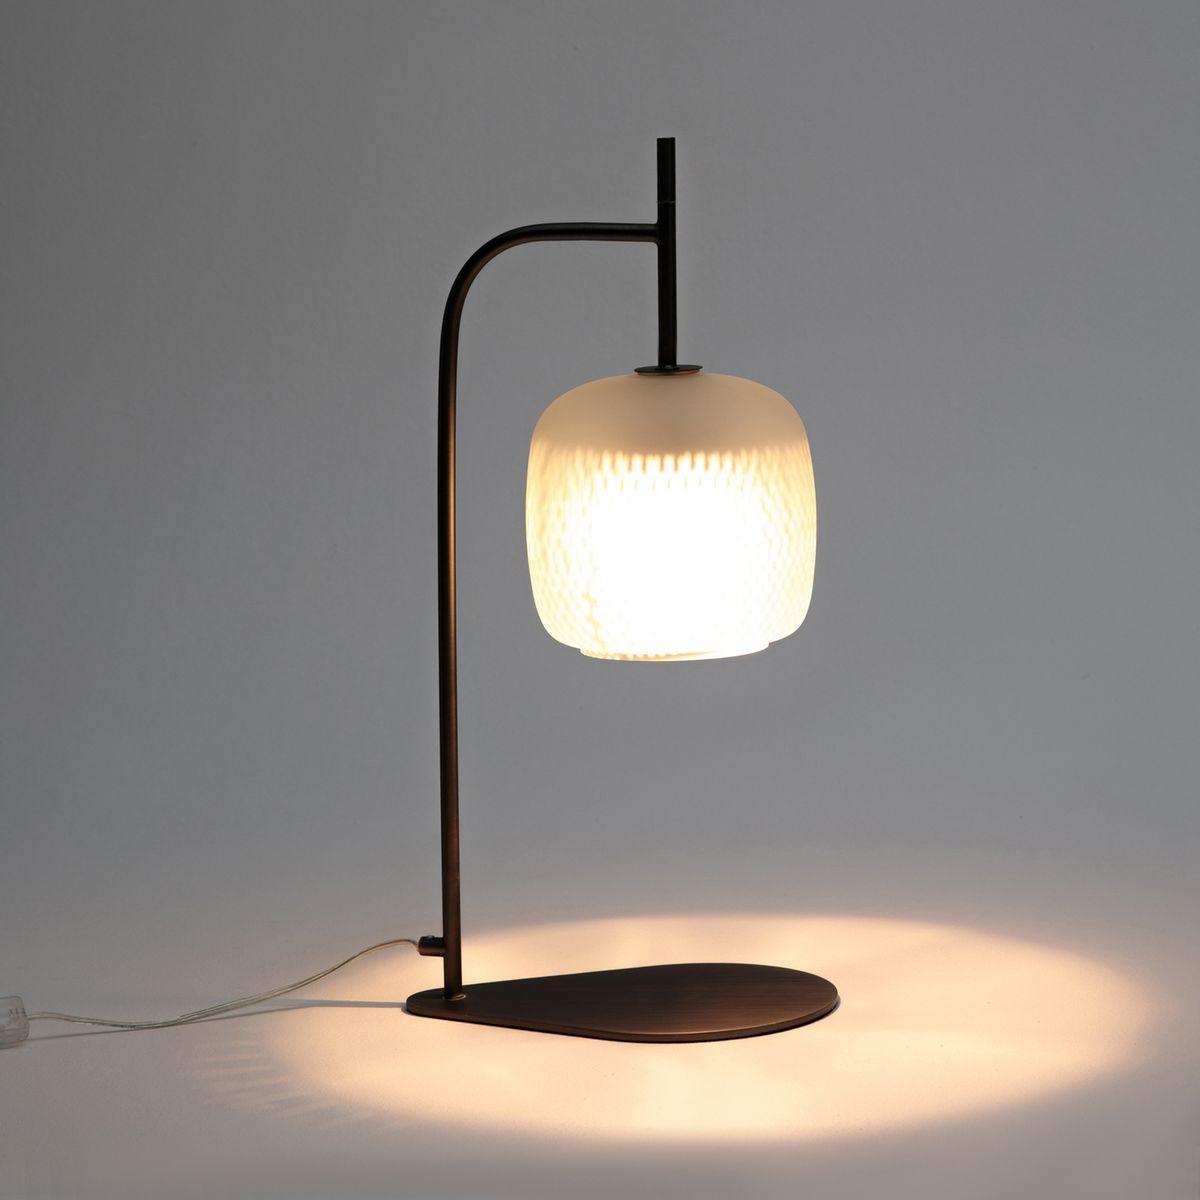 Lampe Misuto design E. Gallina